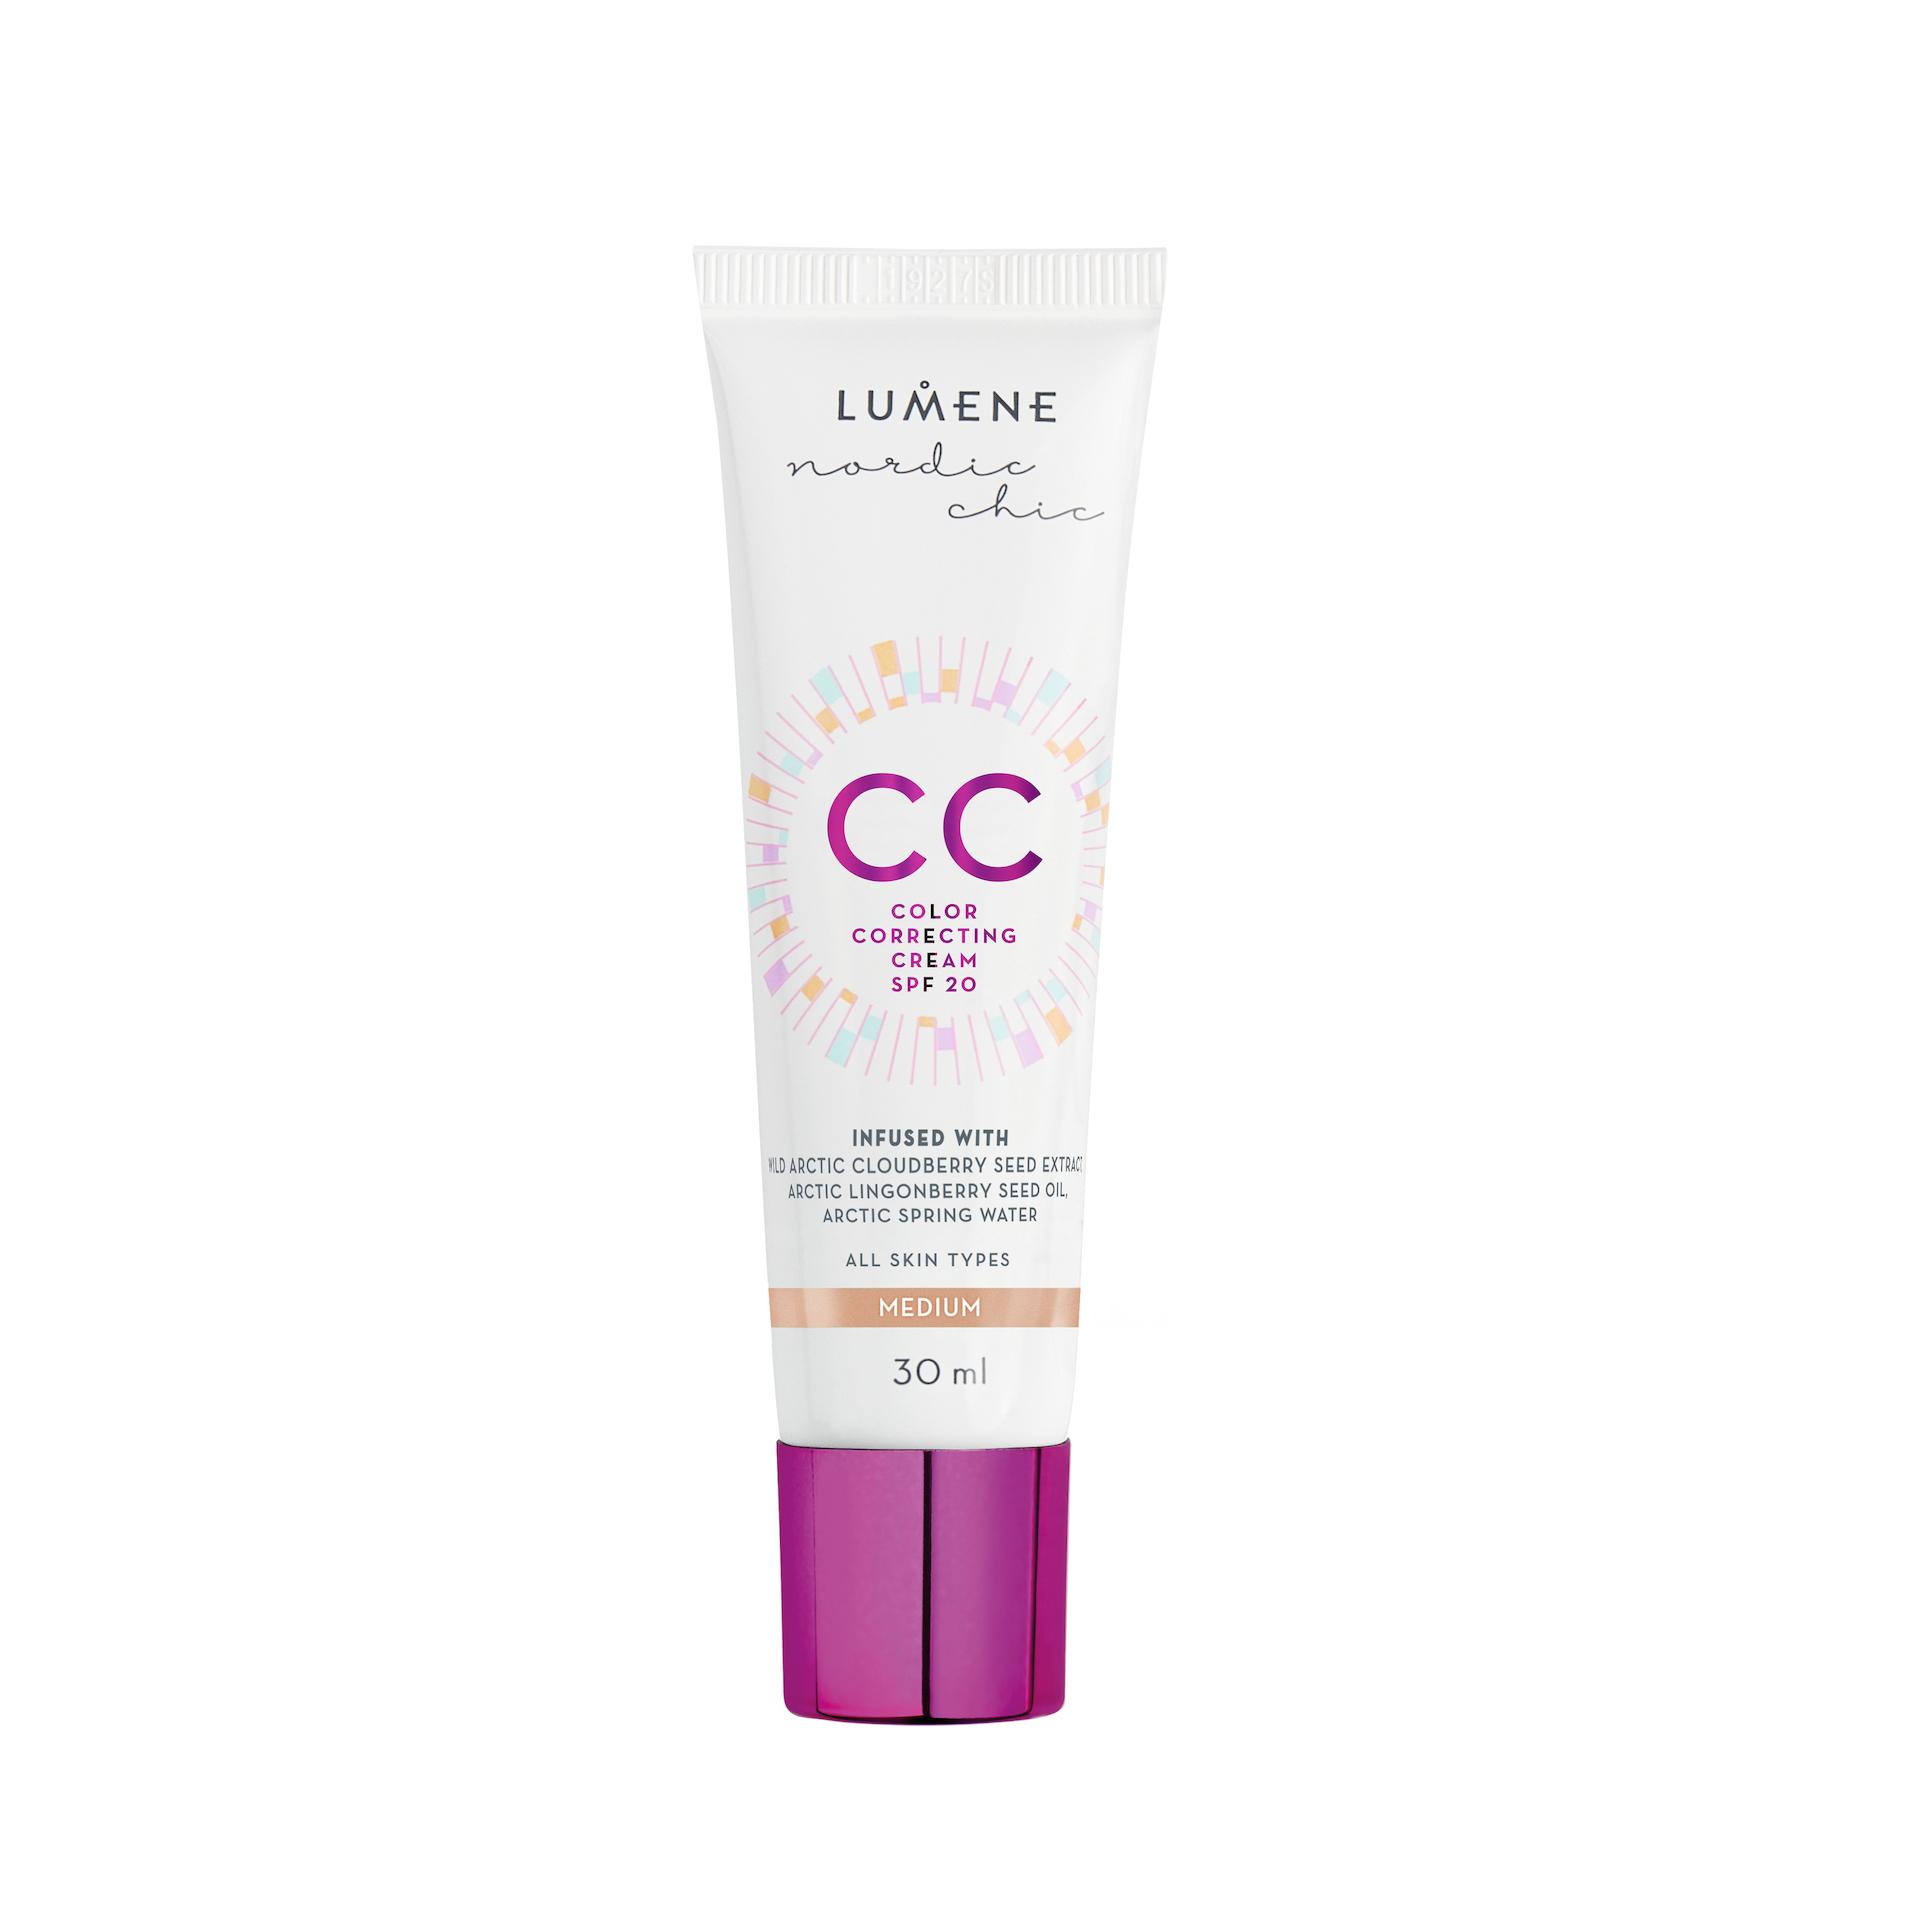 Nordic Chic CC Color Correcting Cream Medium